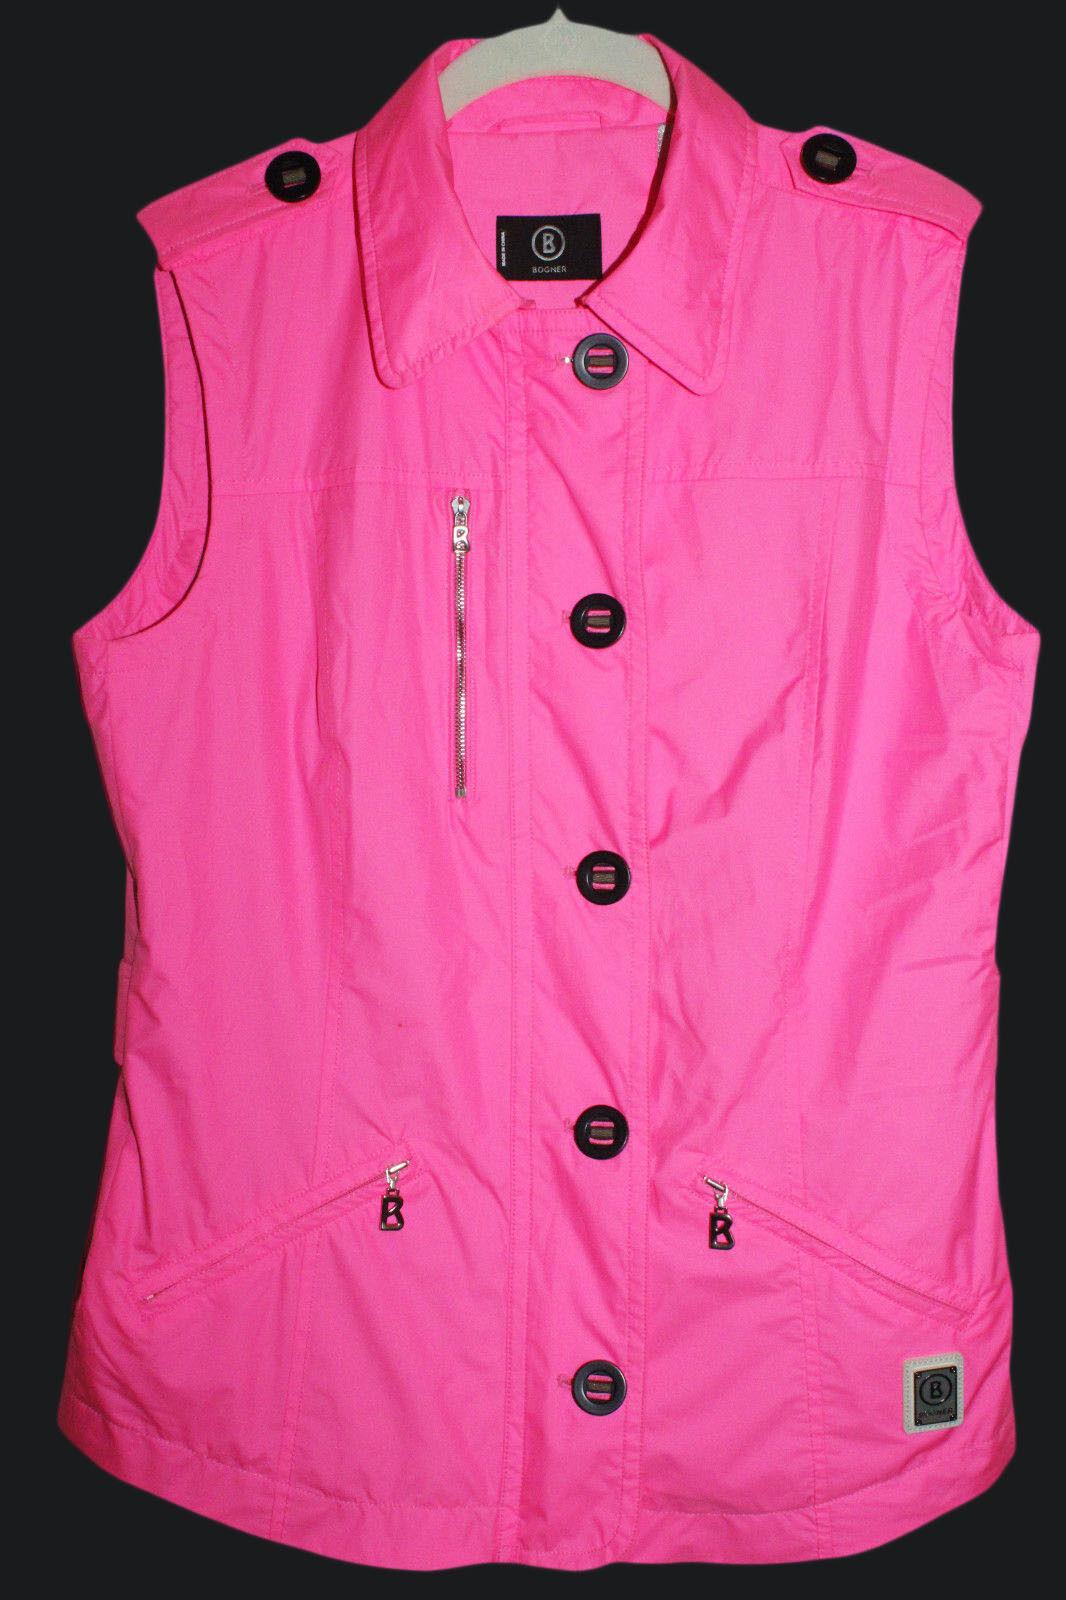 BOGNER Vest Pink Size 8